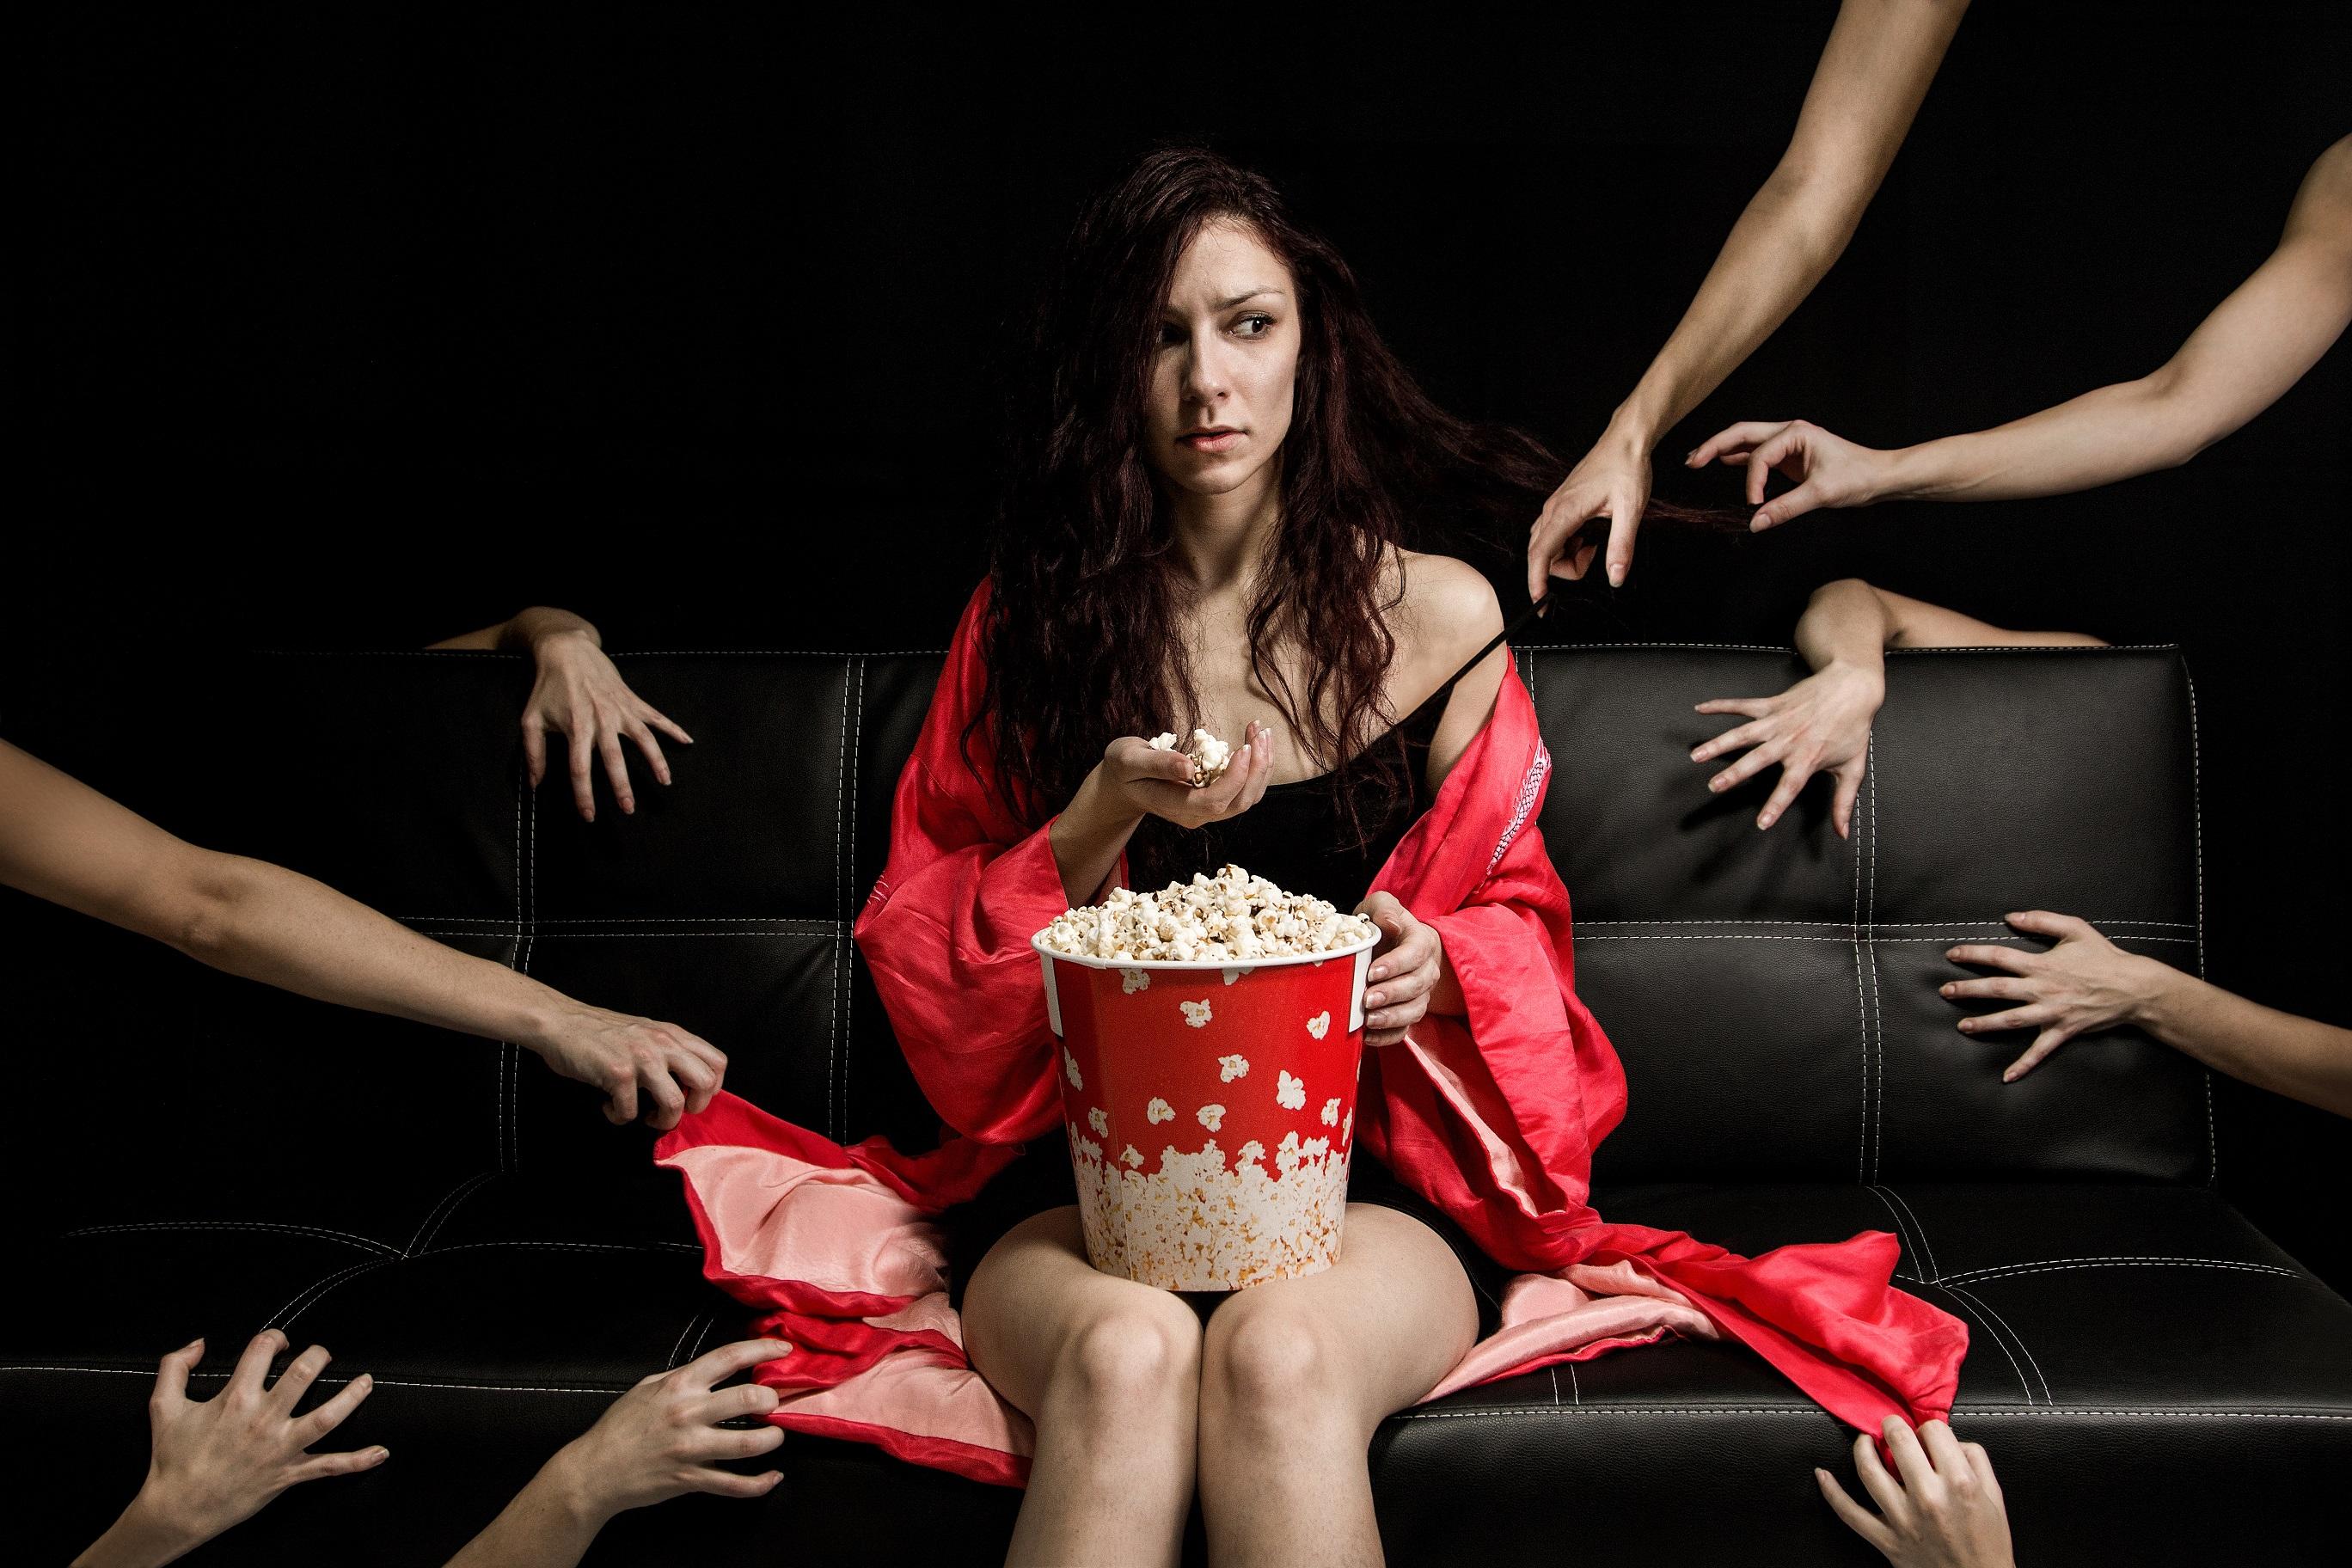 PREDSTAVLJAMO BH. FOTOGRAFE: Tea Jagodić i njena intimna preispitivanja